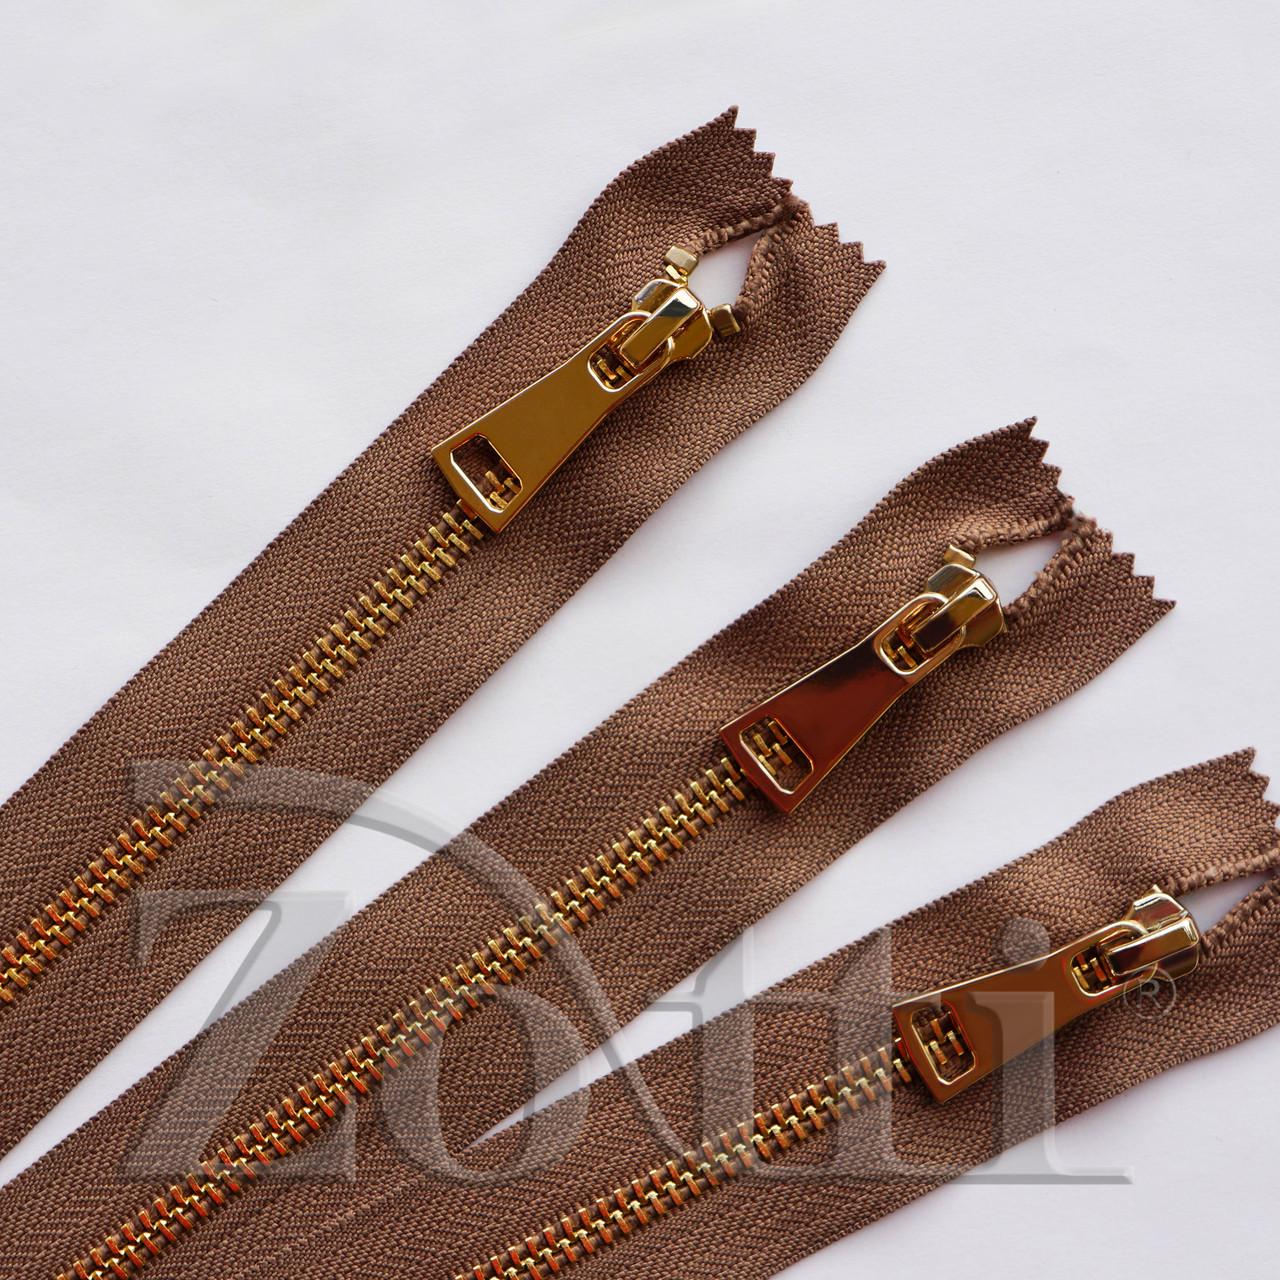 Молния (змейка,застежка) металлическая №5, размерная, обувная, коричневая, с золотым бегунком № 115 - 14 см